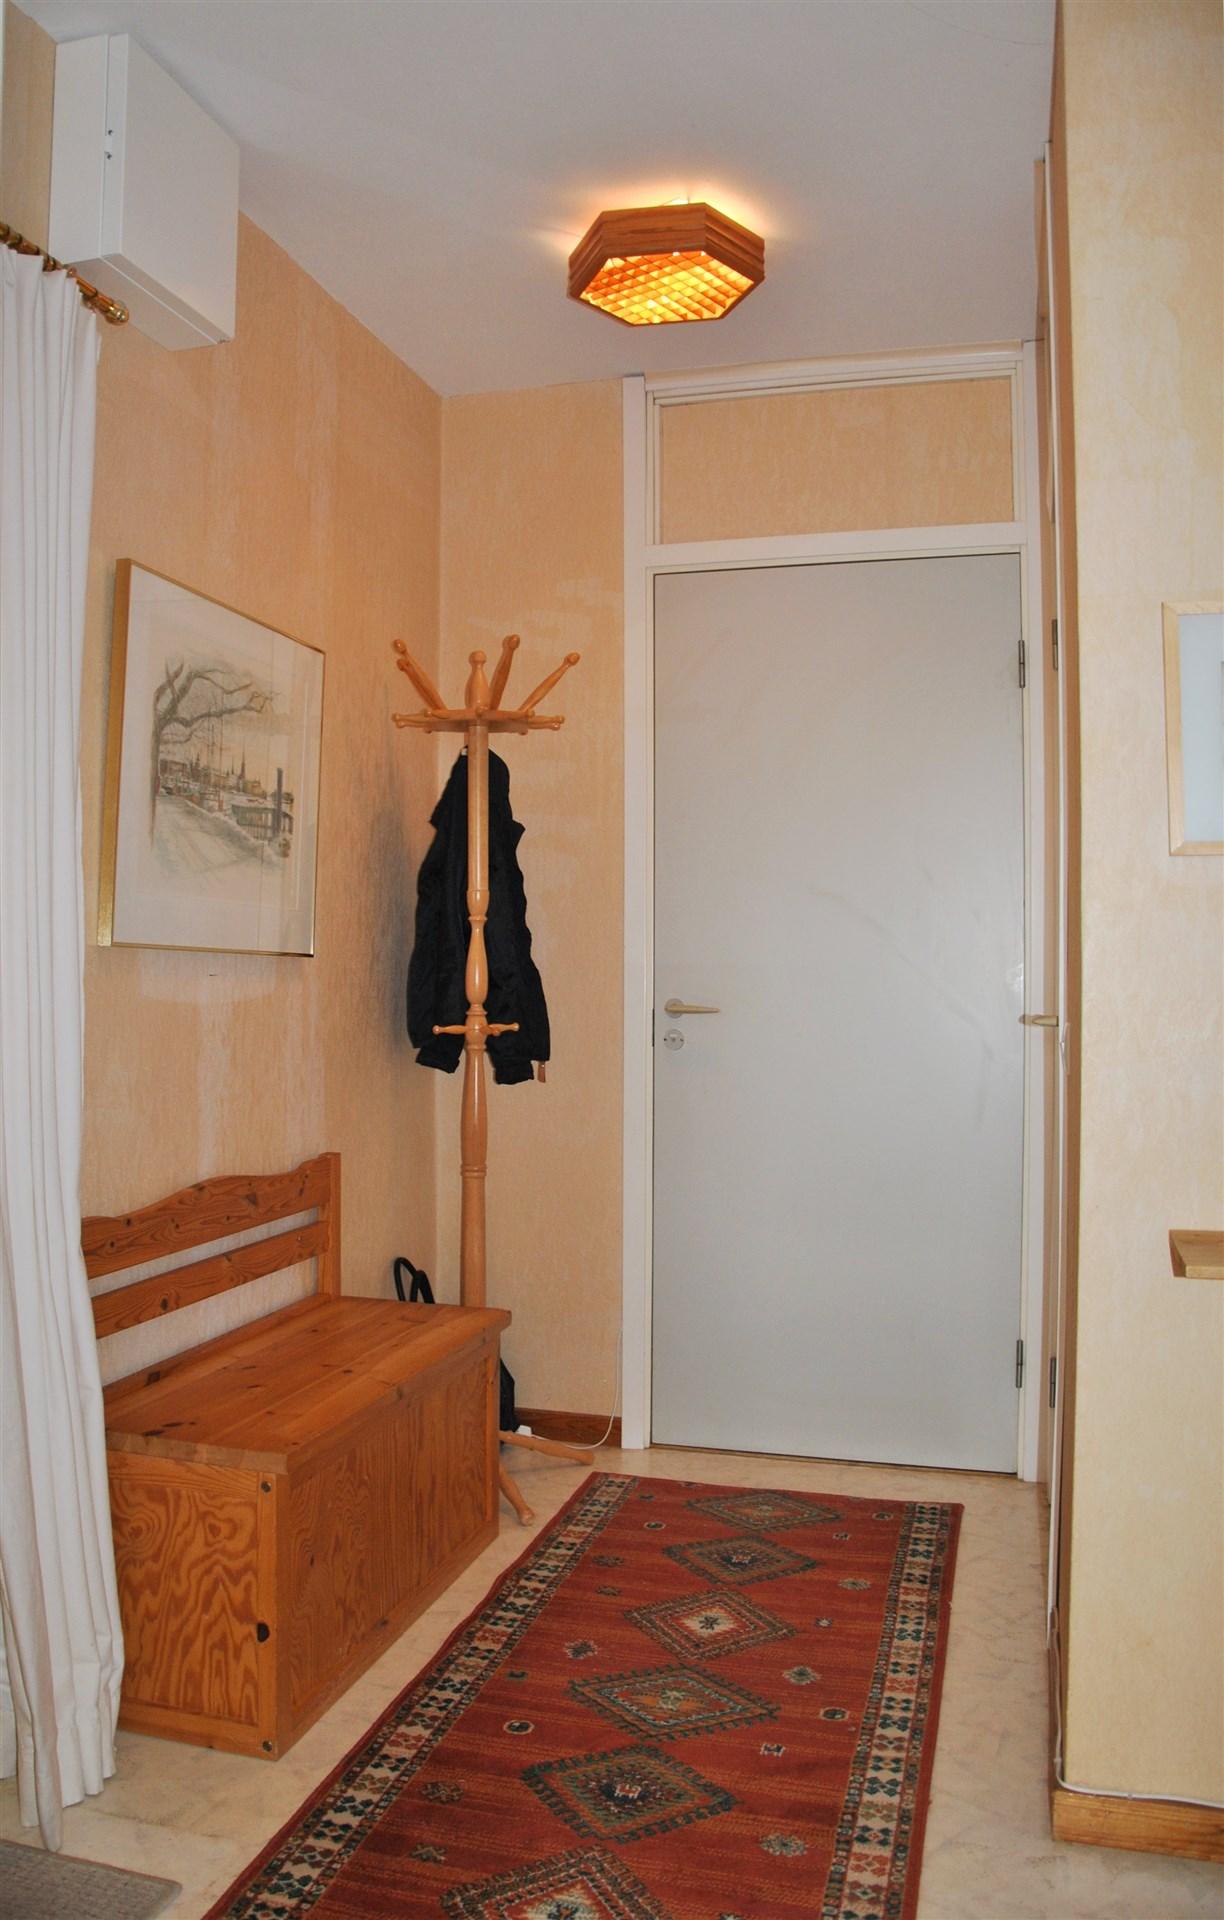 Hall i vinkel med plats för avhängning av ytterkläder.